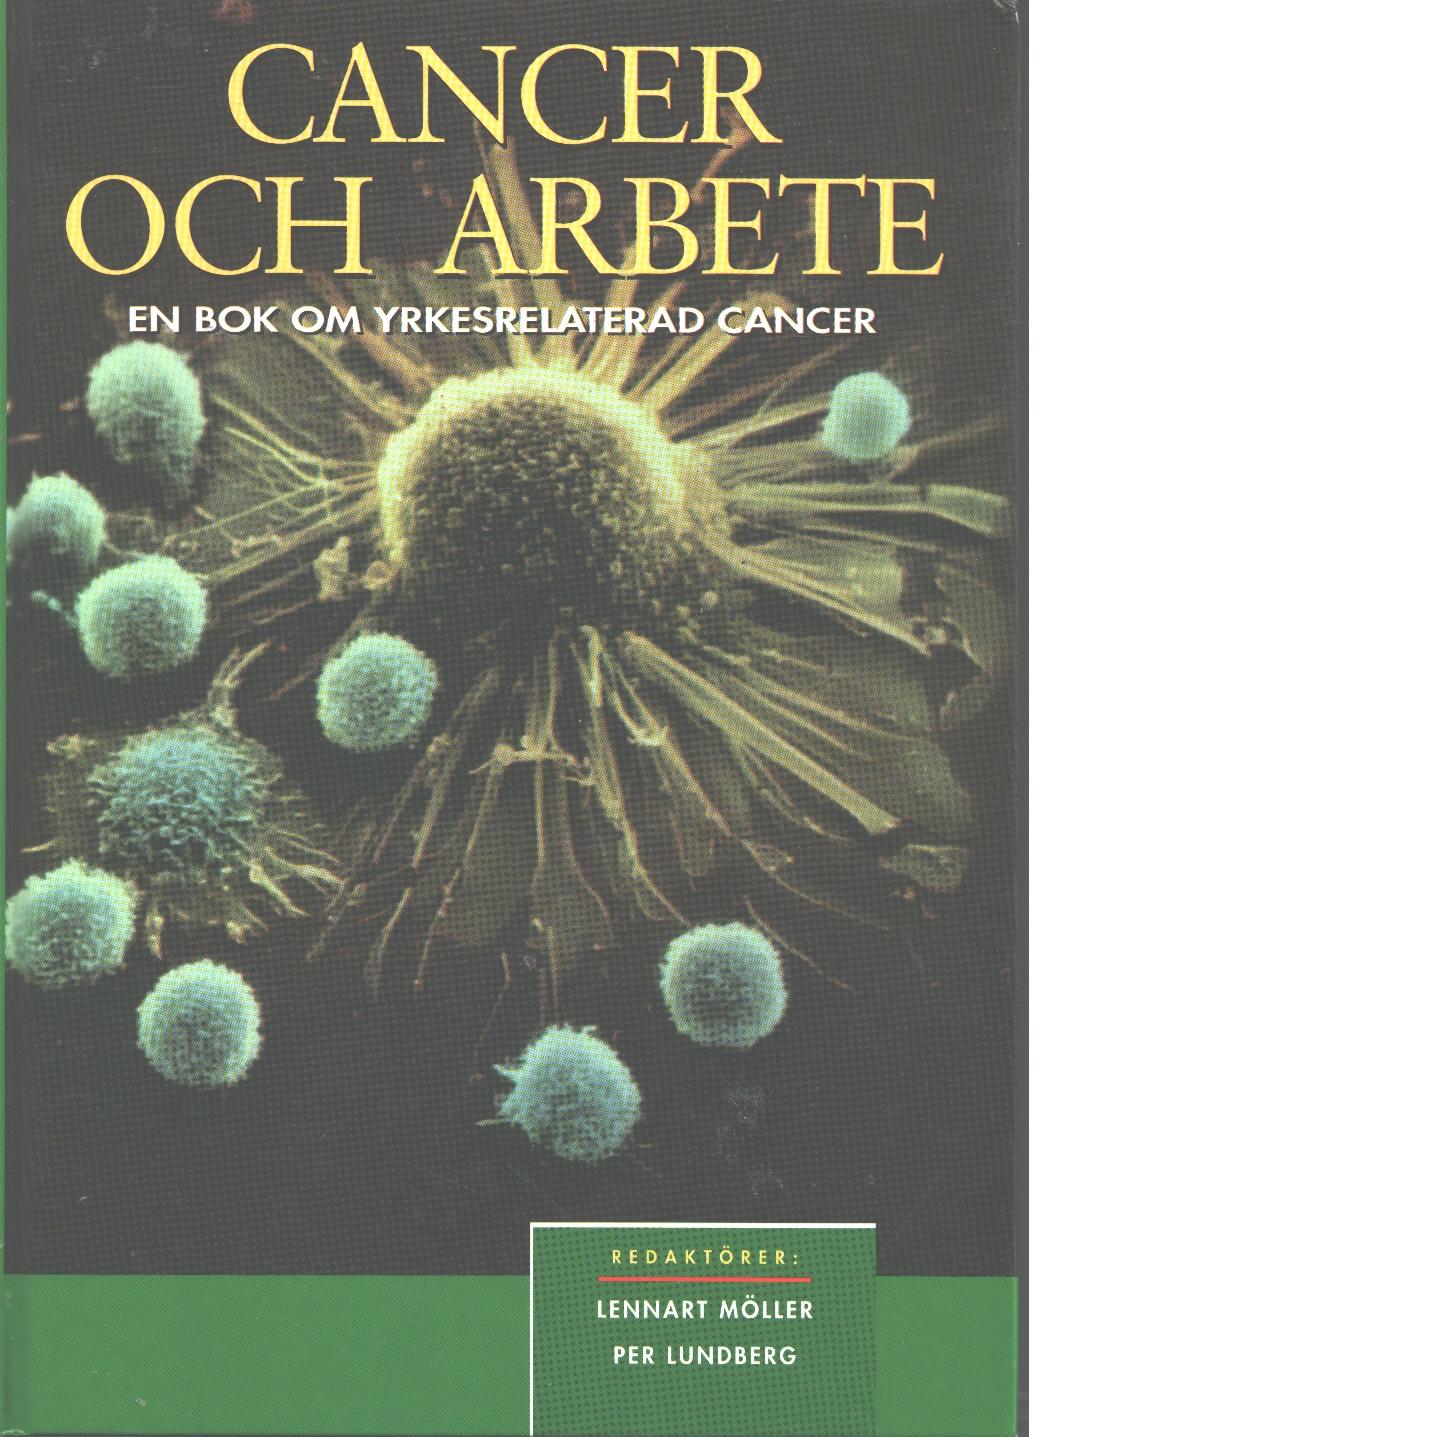 Cancer och arbete : en bok om yrkesrelaterad cancer - Red.